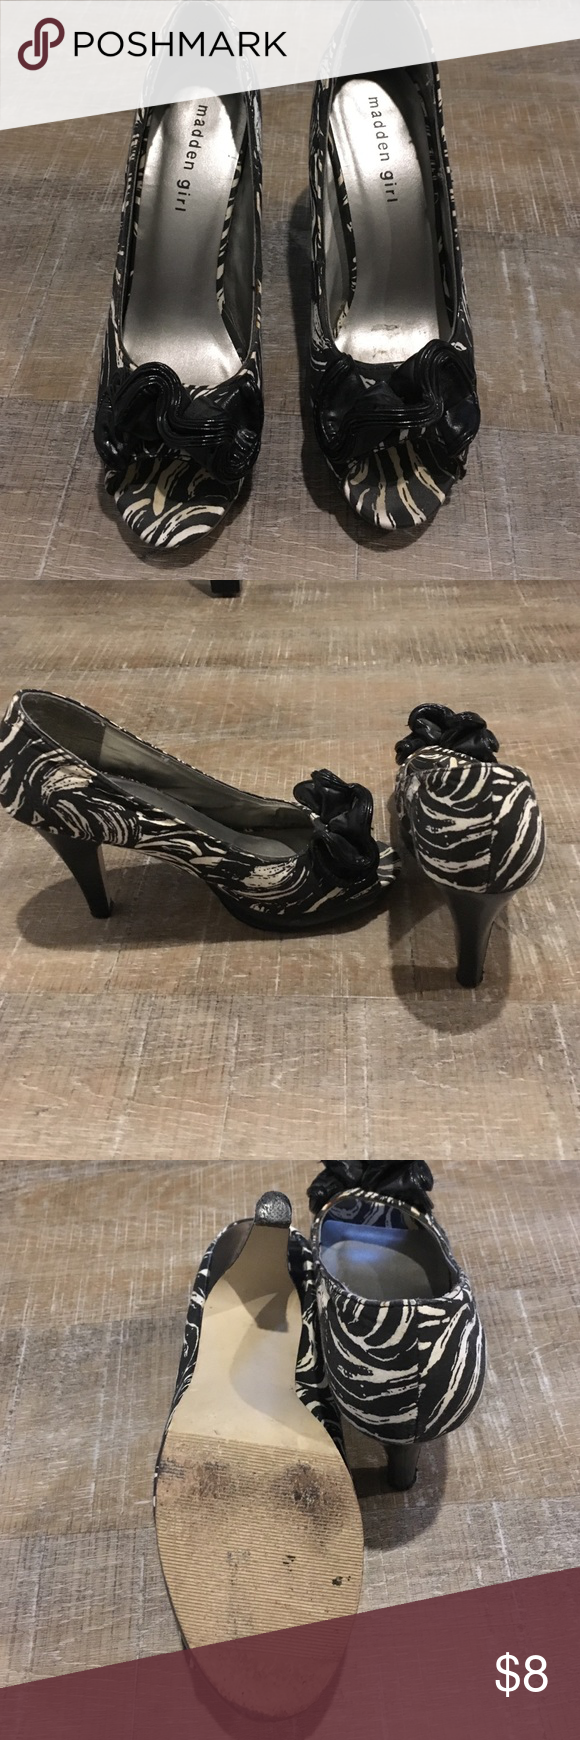 Madden girl heels Black and white madden girl heels with black bow detailing Madden Girl Shoes Heels